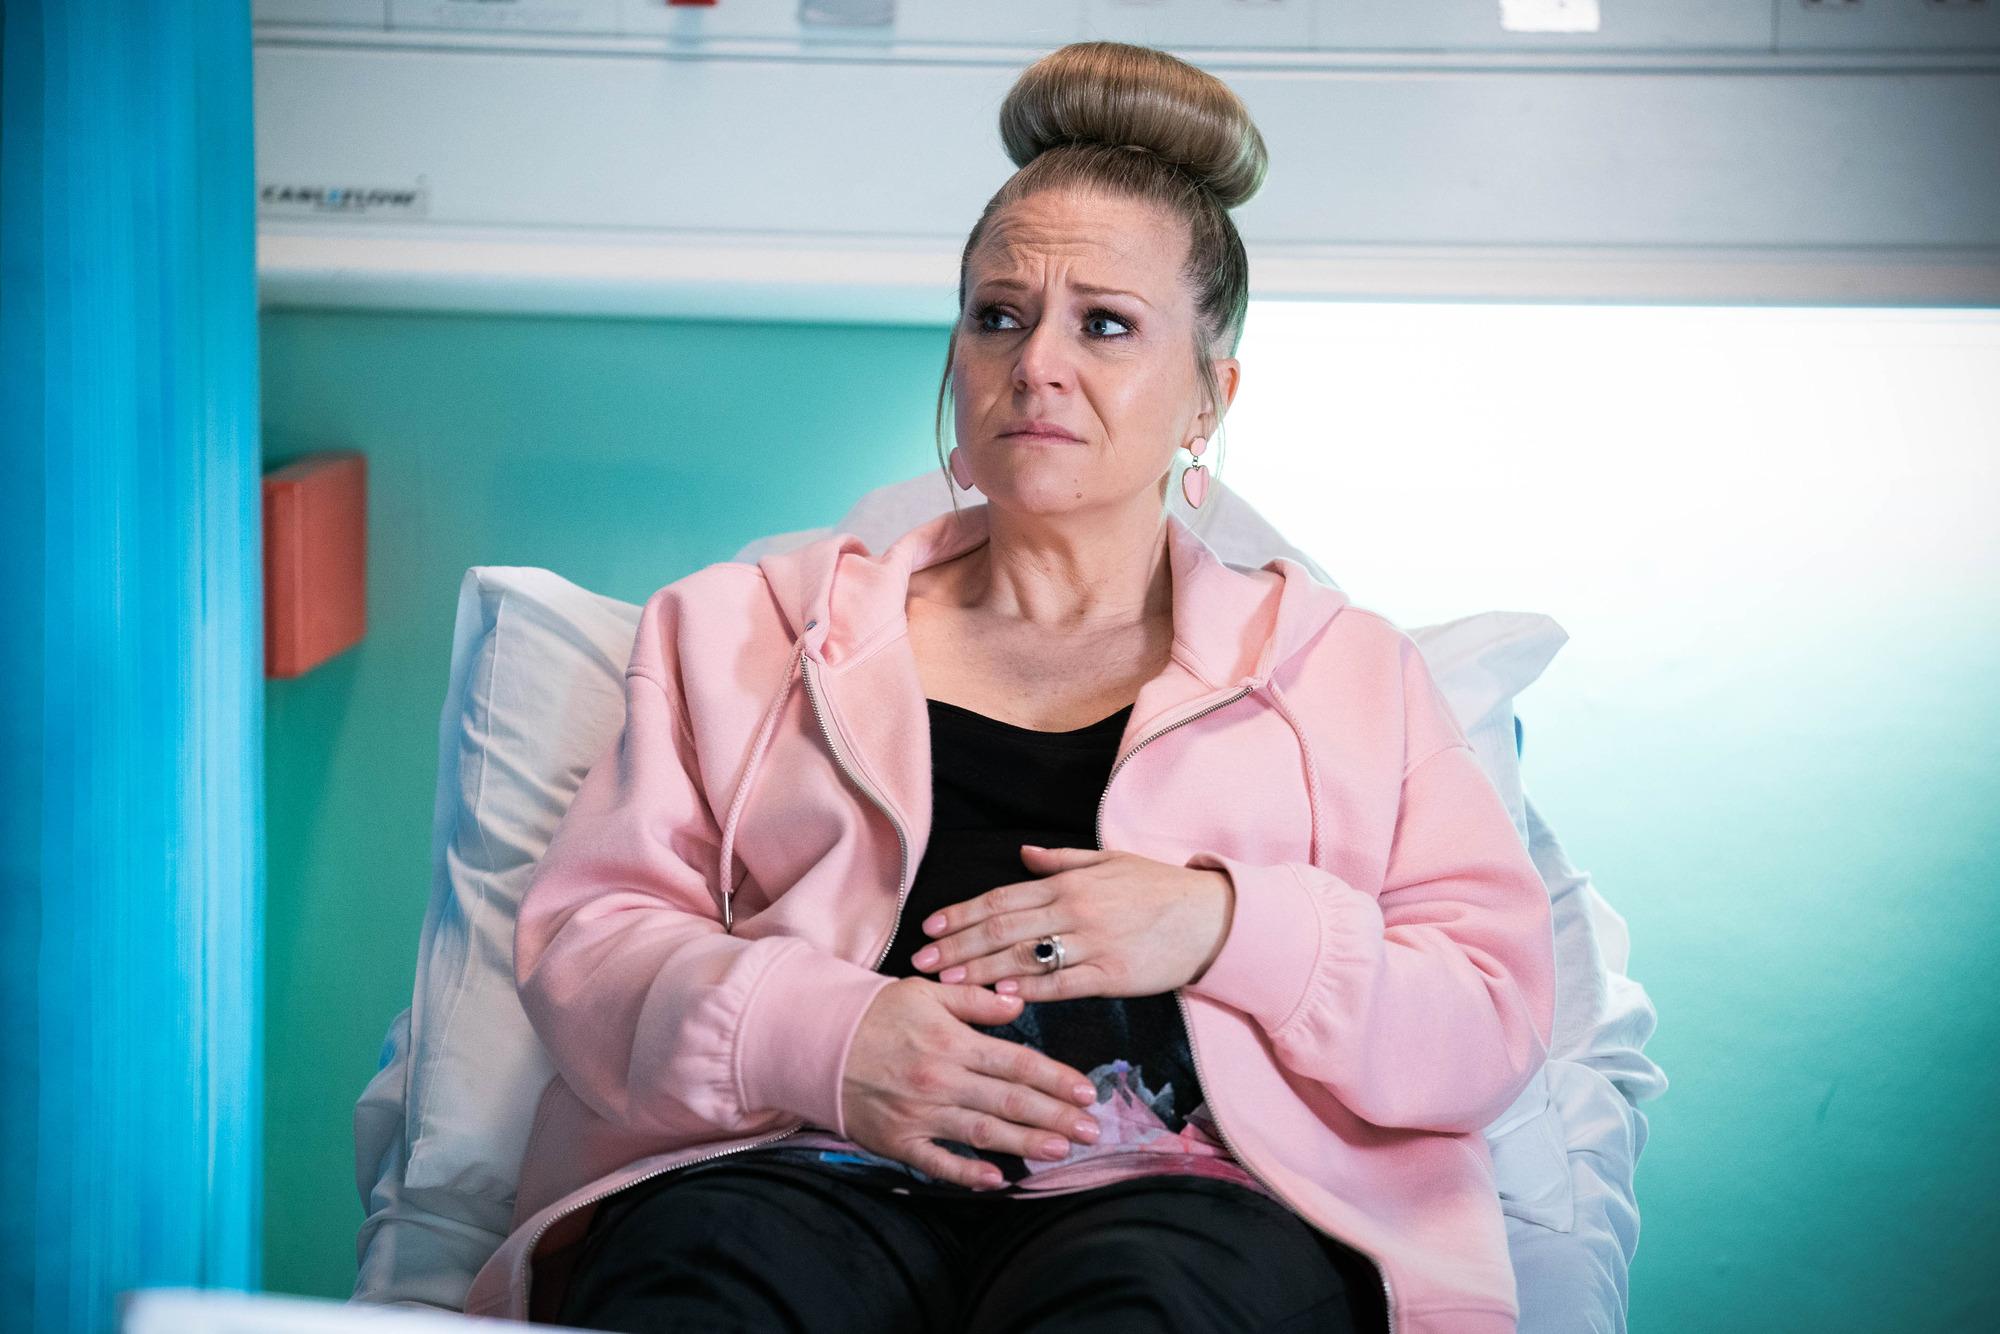 Linda Carter is in hospital in EastEnders